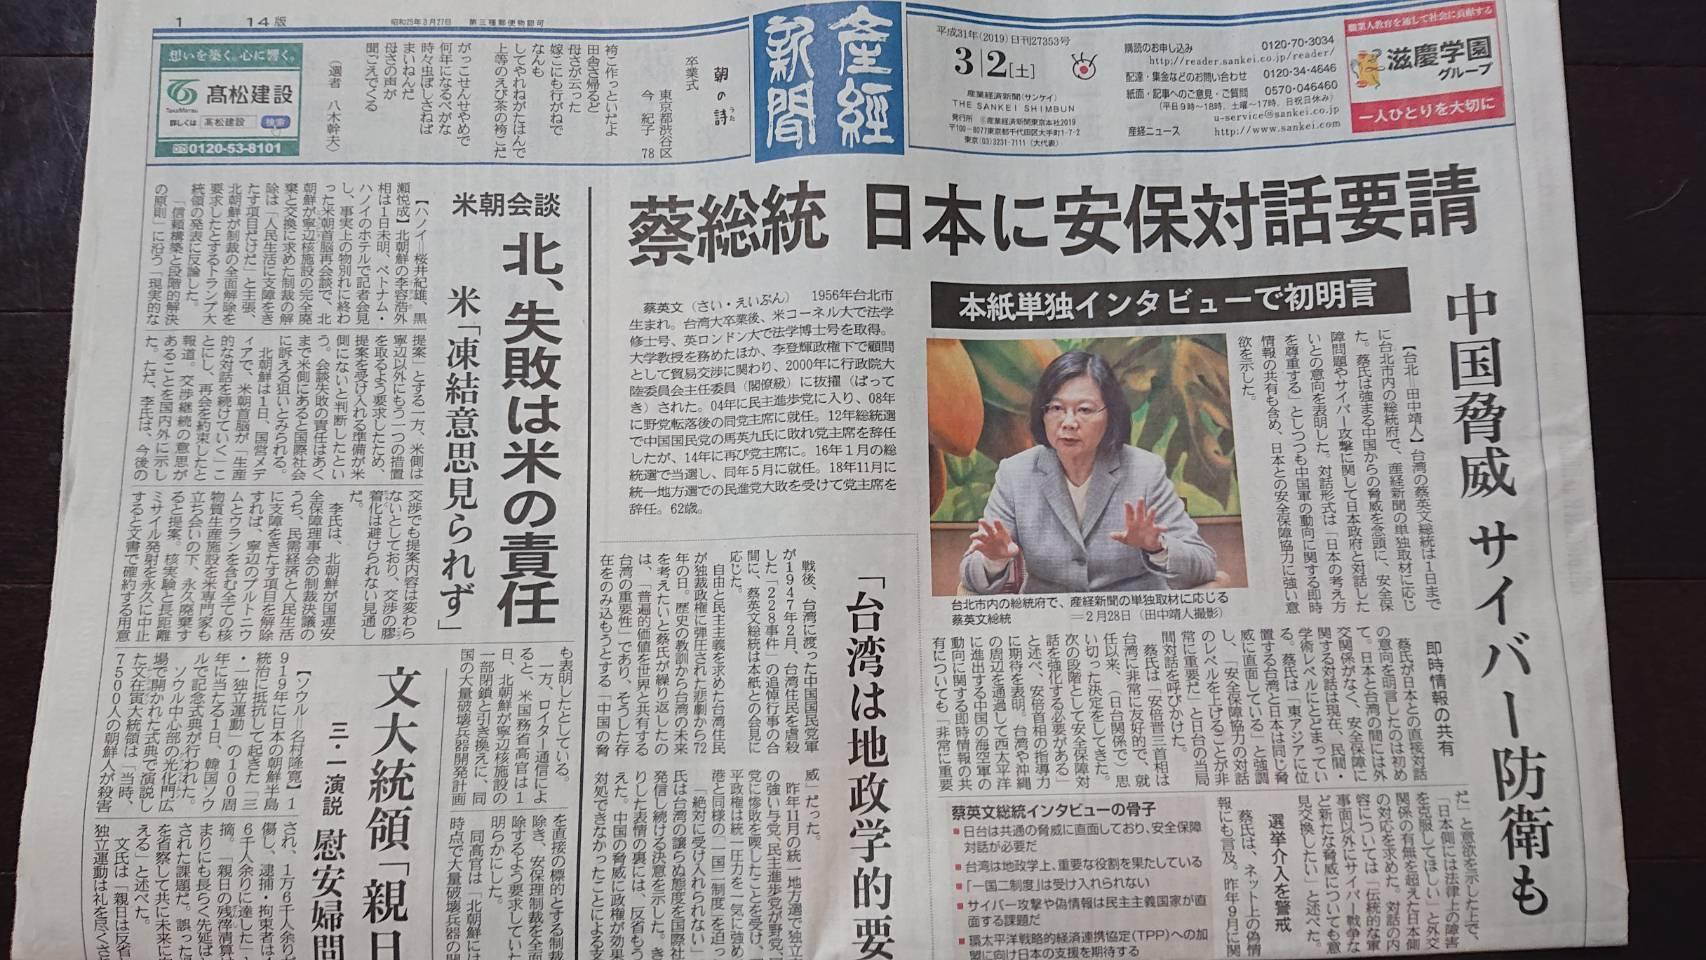 台湾は、日本と平和条約を結んだ独立国家です